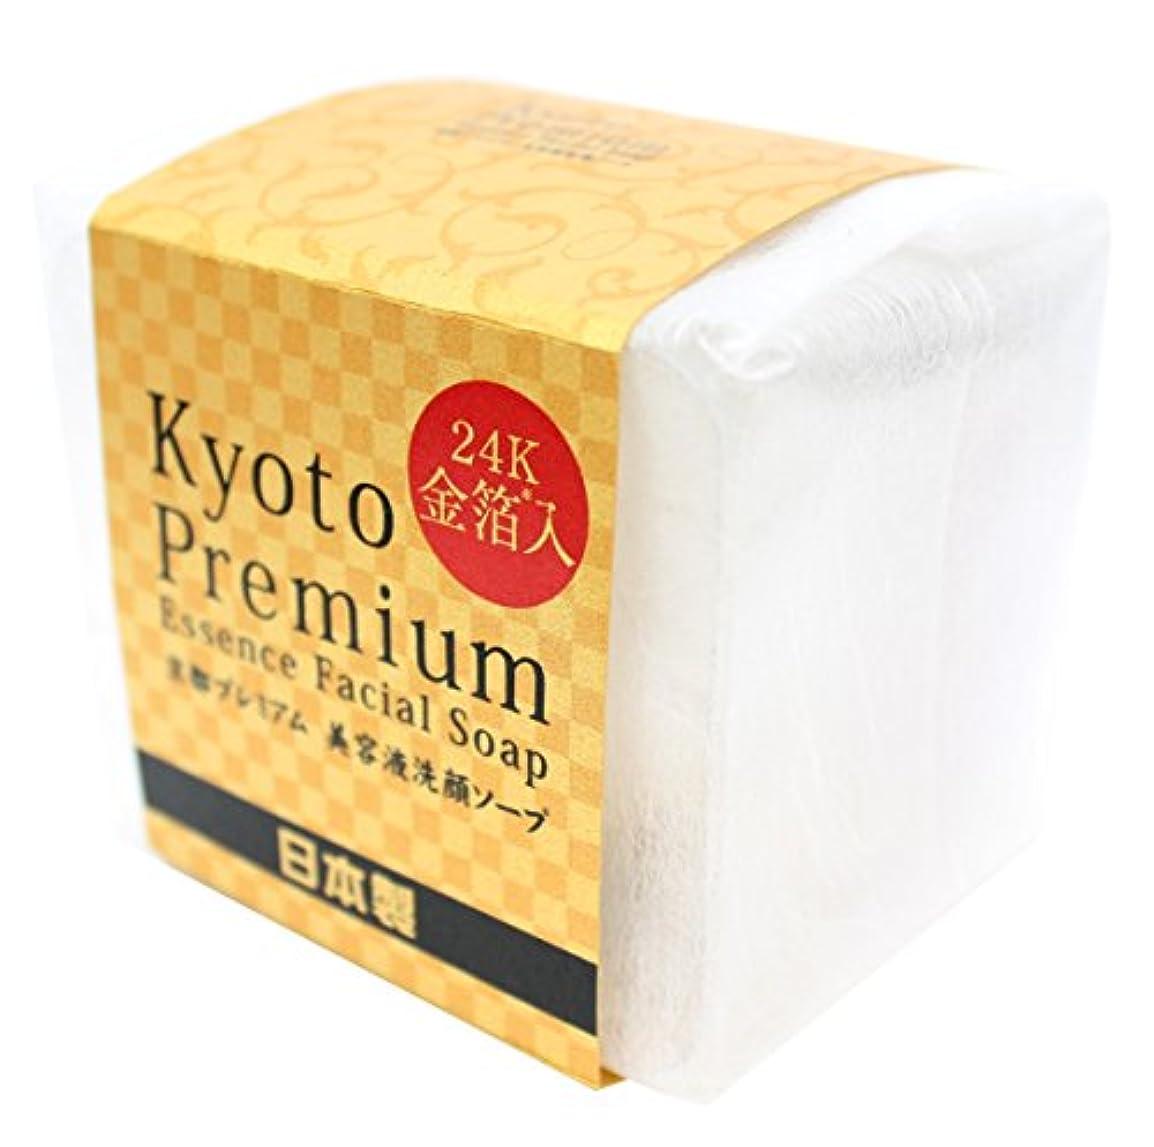 渦サーバ天才京都プレミアム kyotopremium 美容液洗顔ソープ